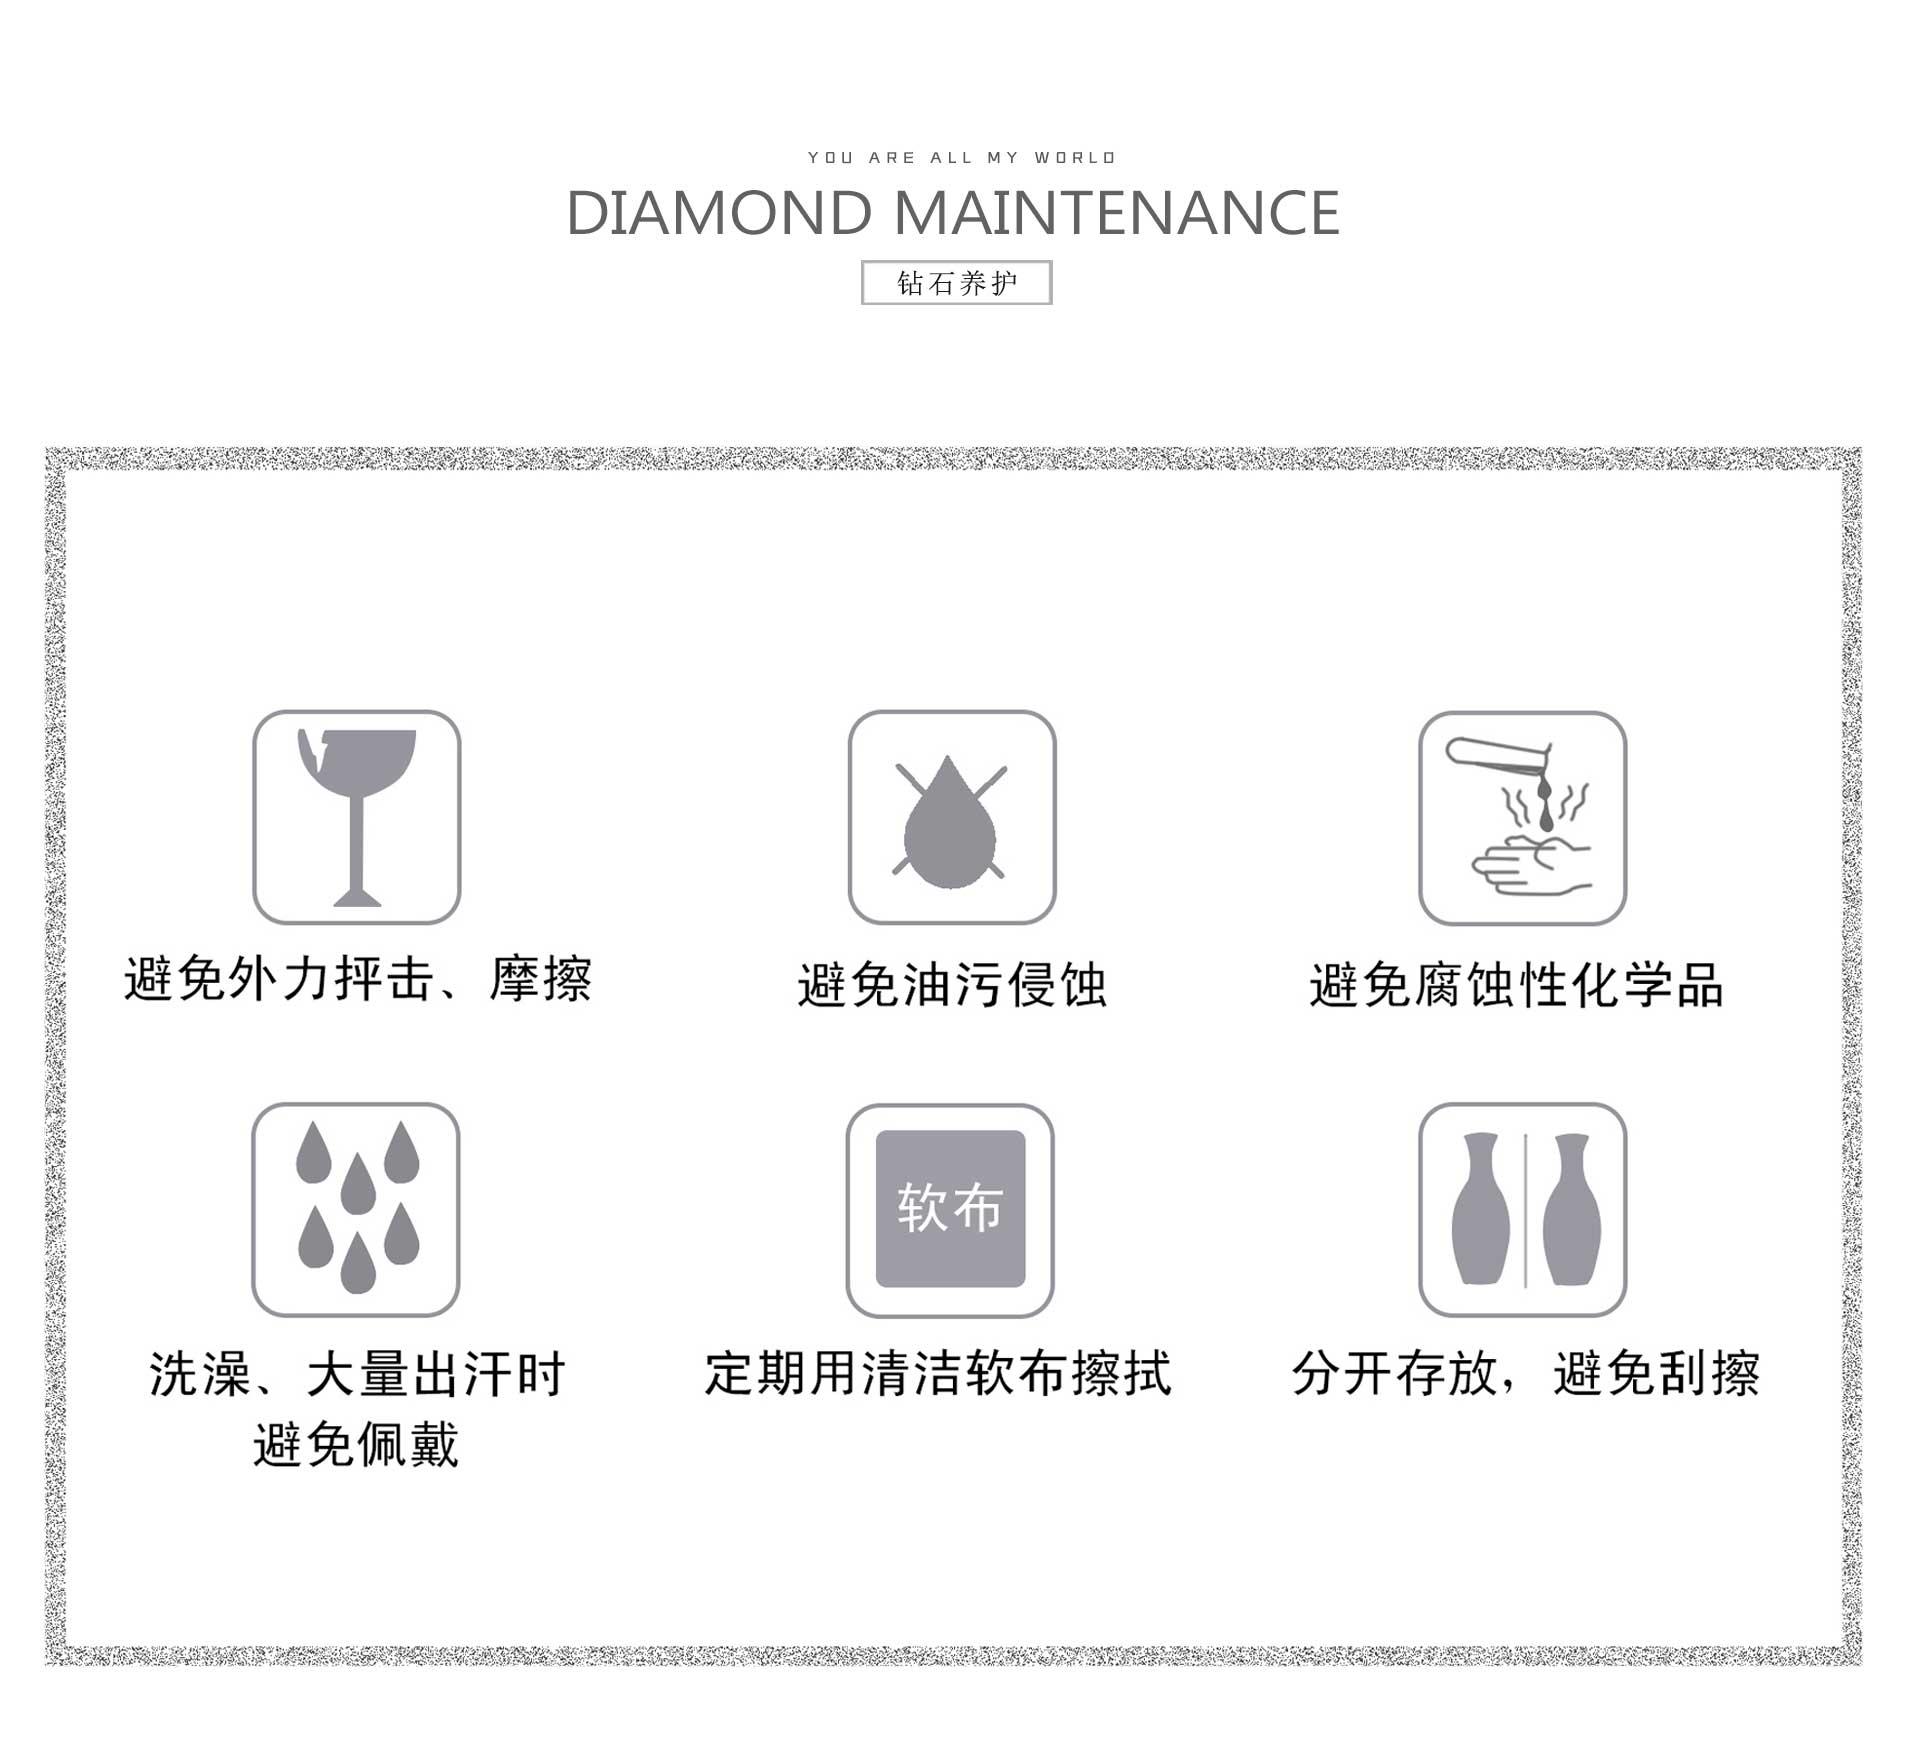 6、钻石养护.jpg